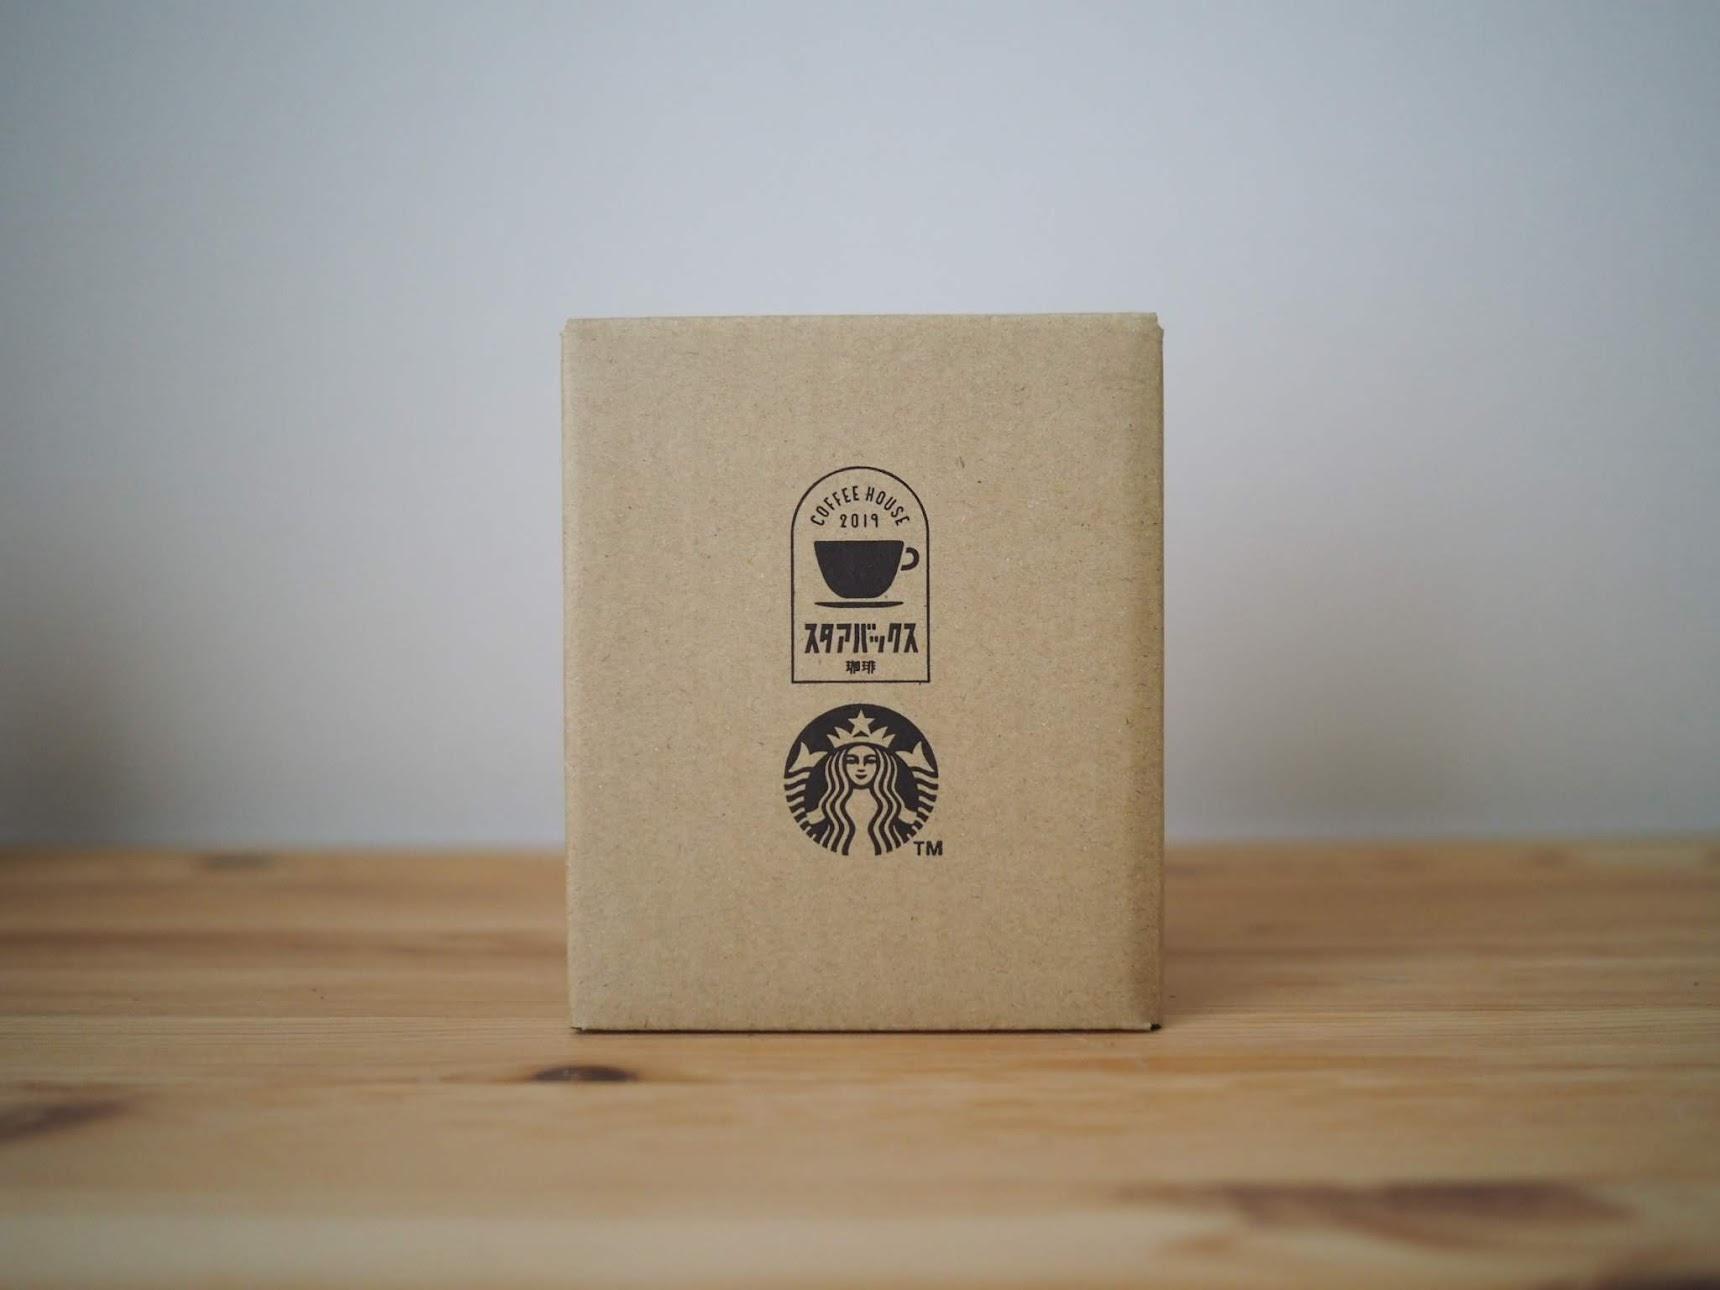 スタアバックス珈琲×FireKingマグの箱